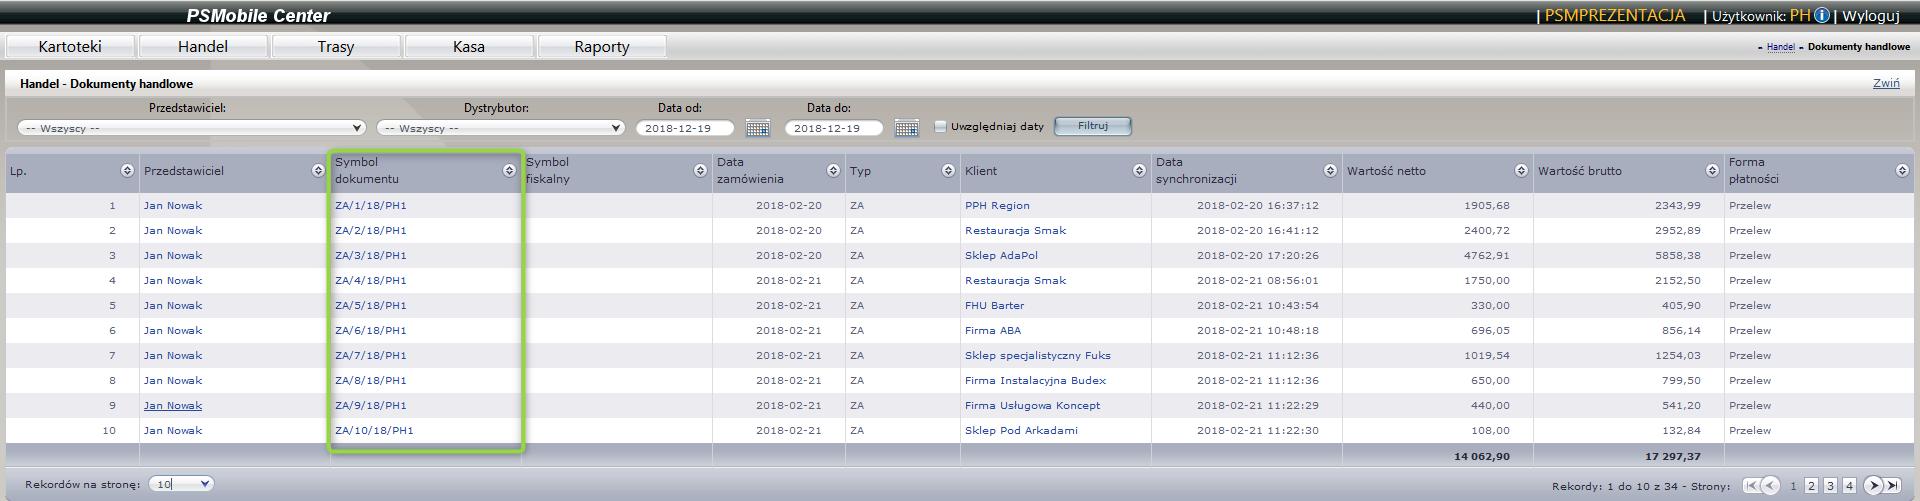 Lista dokumentów handlowych klienta w aplikacji dla przedstawicieli handlowych